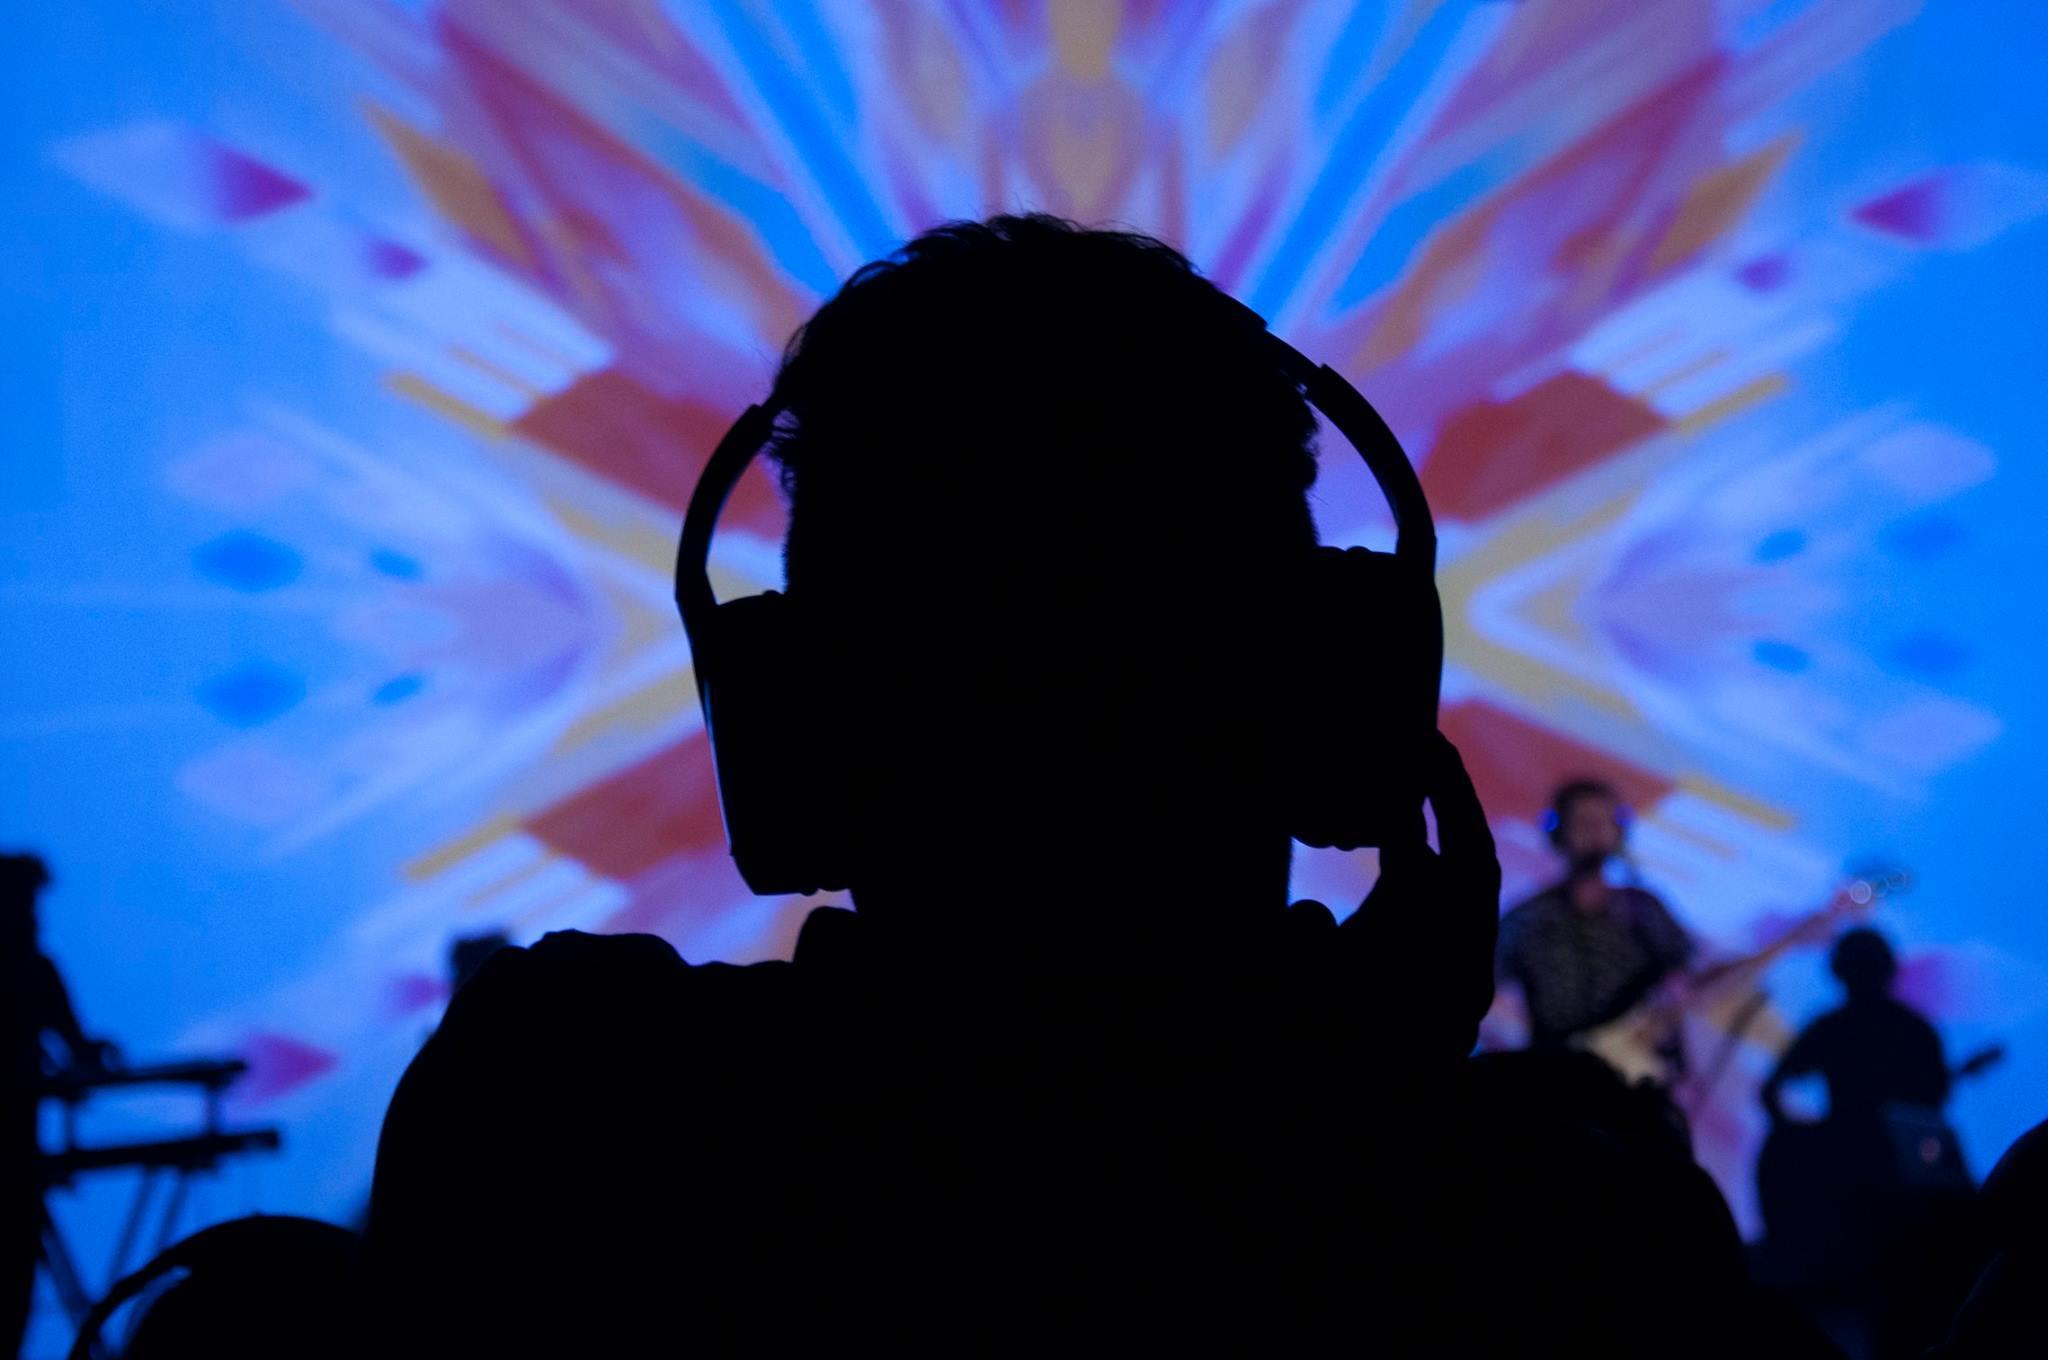 Rayos Láser: música para auriculares